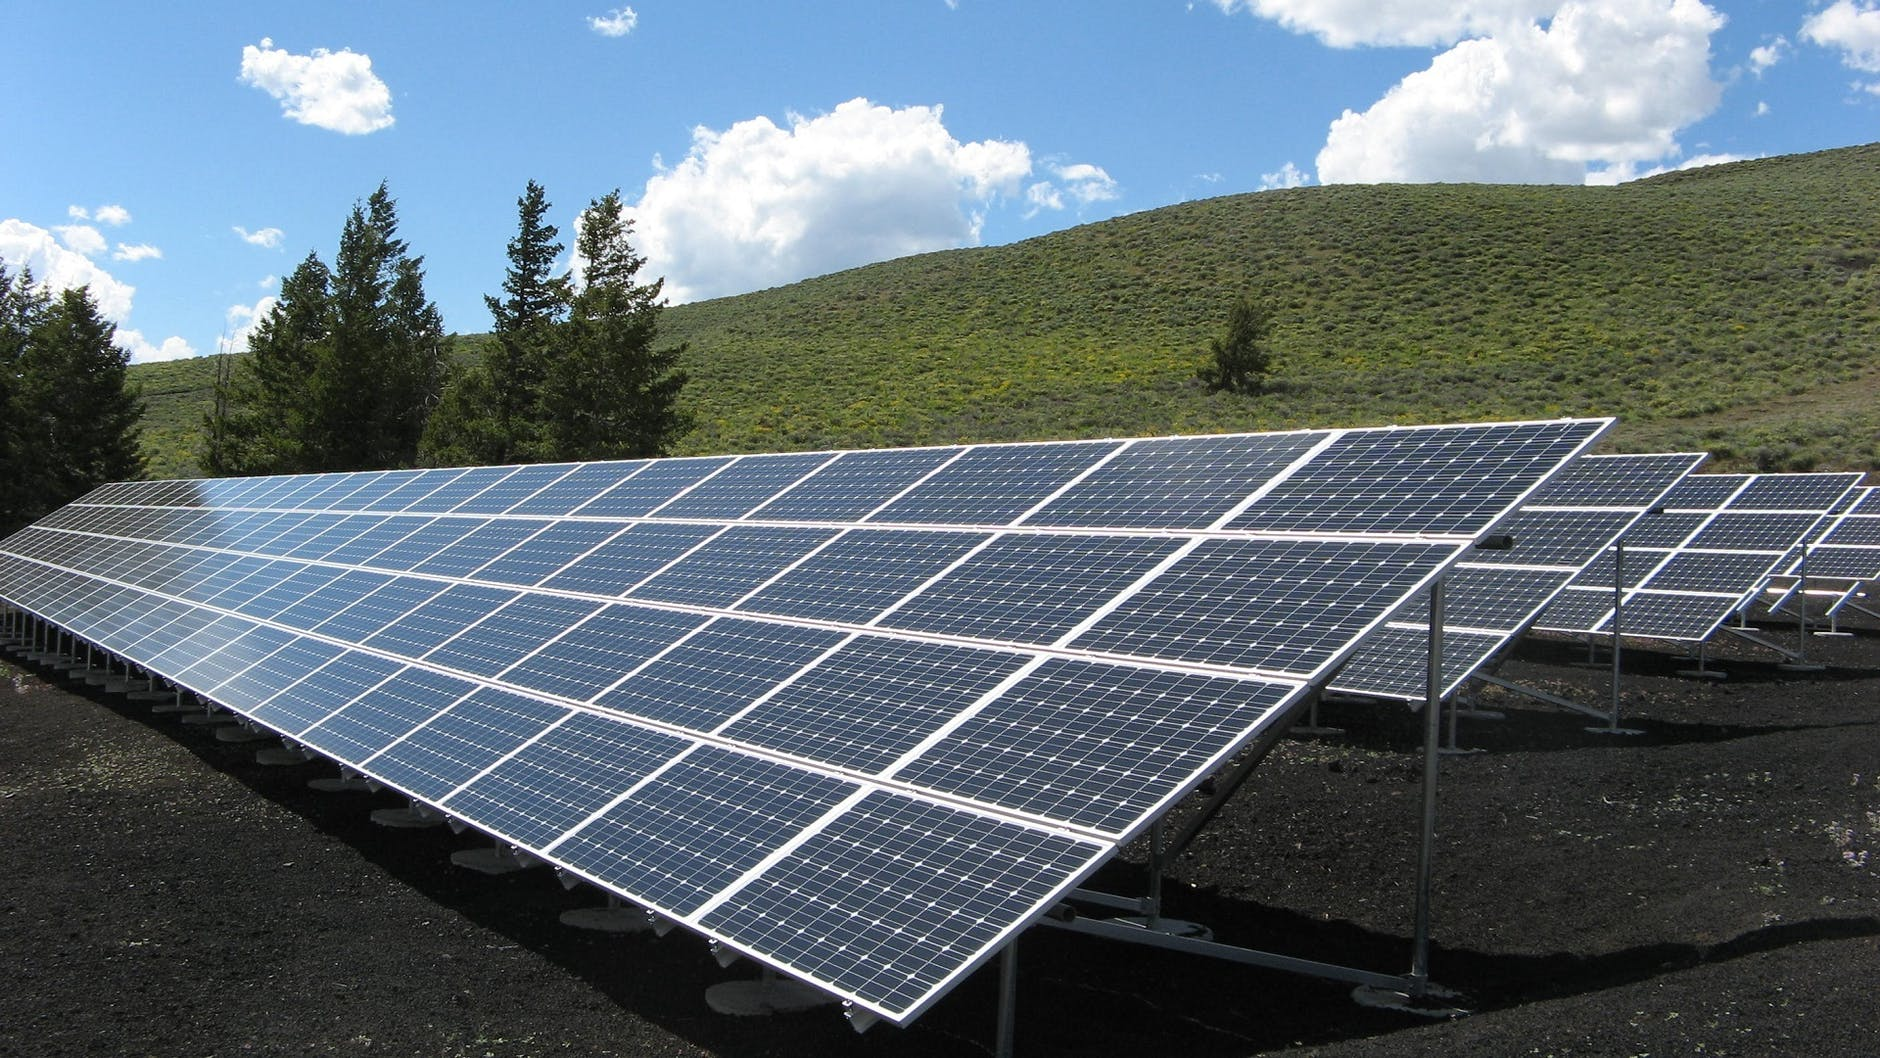 energialimpa2 1 - Energia limpa: entenda como funciona e economize